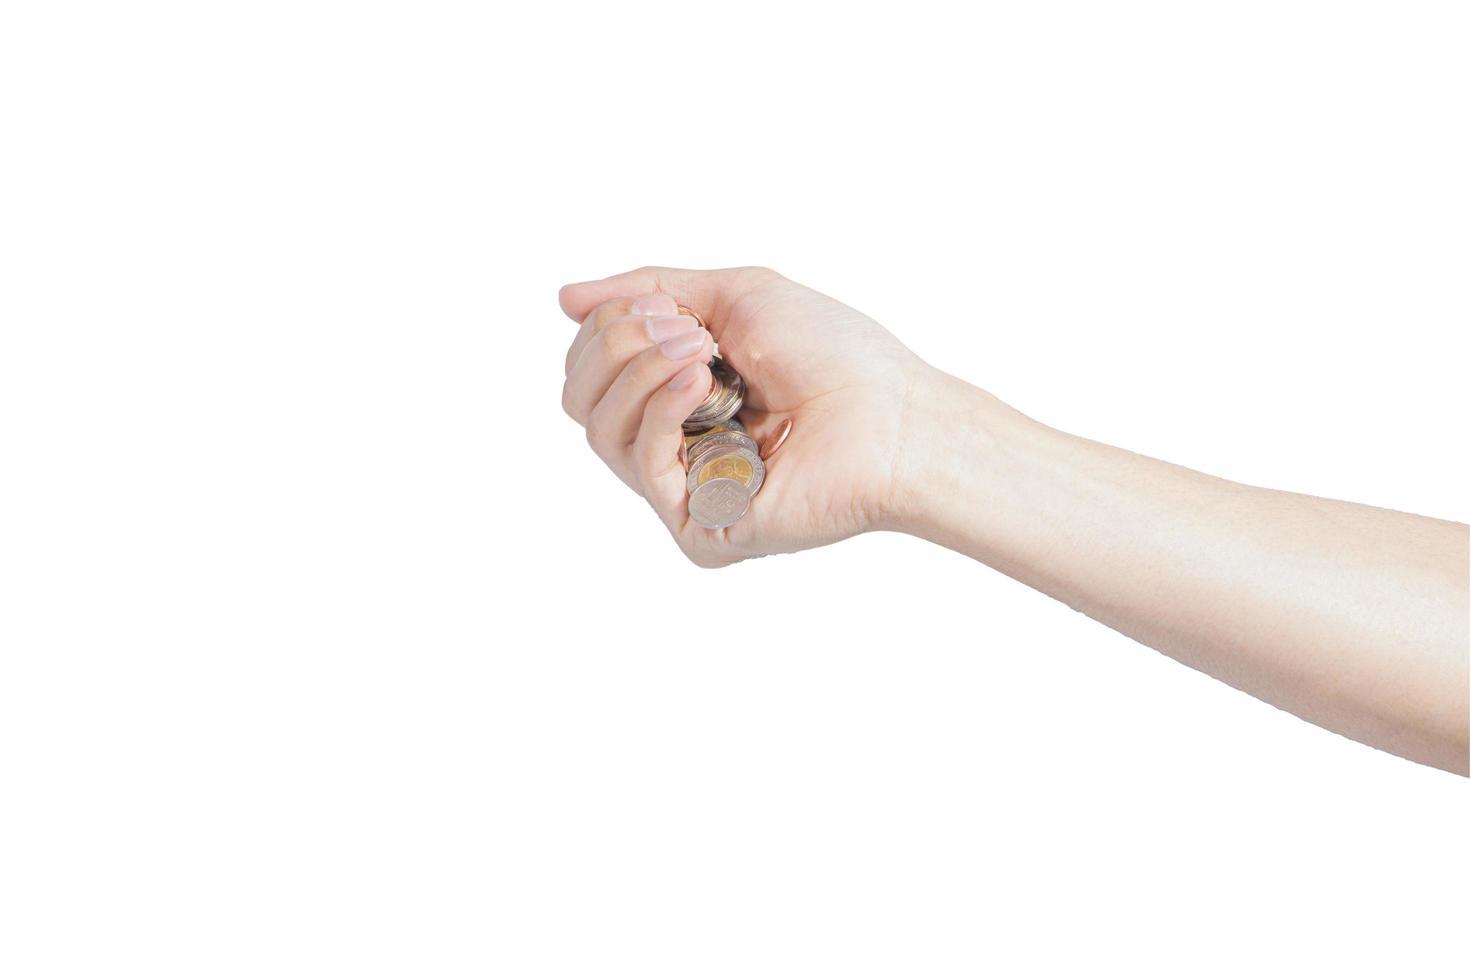 Münzen fallen aus einer Hand foto